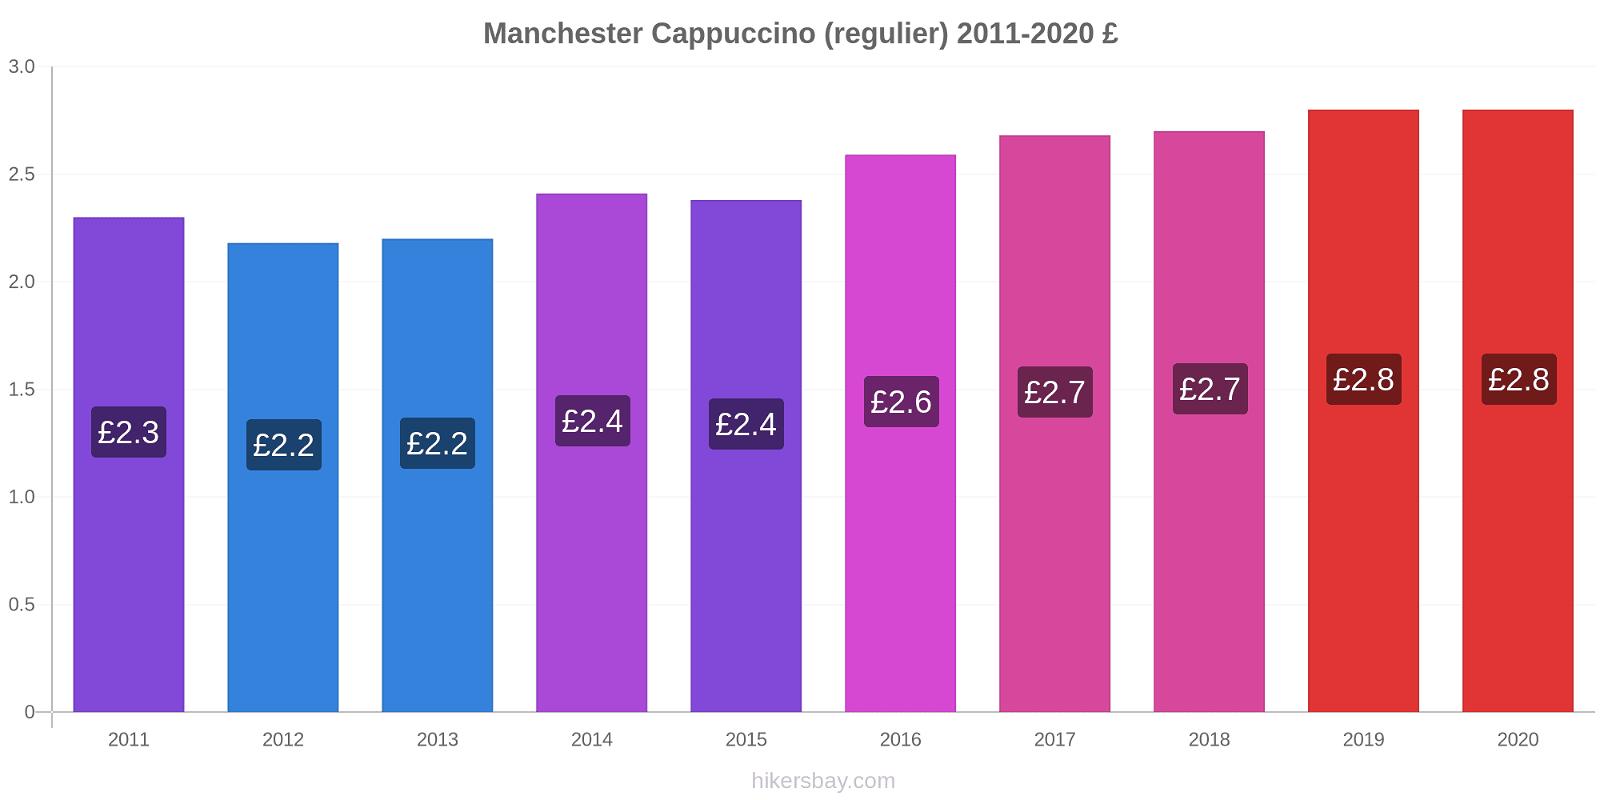 Manchester prijswijzigingen Cappuccino (regelmatige) hikersbay.com